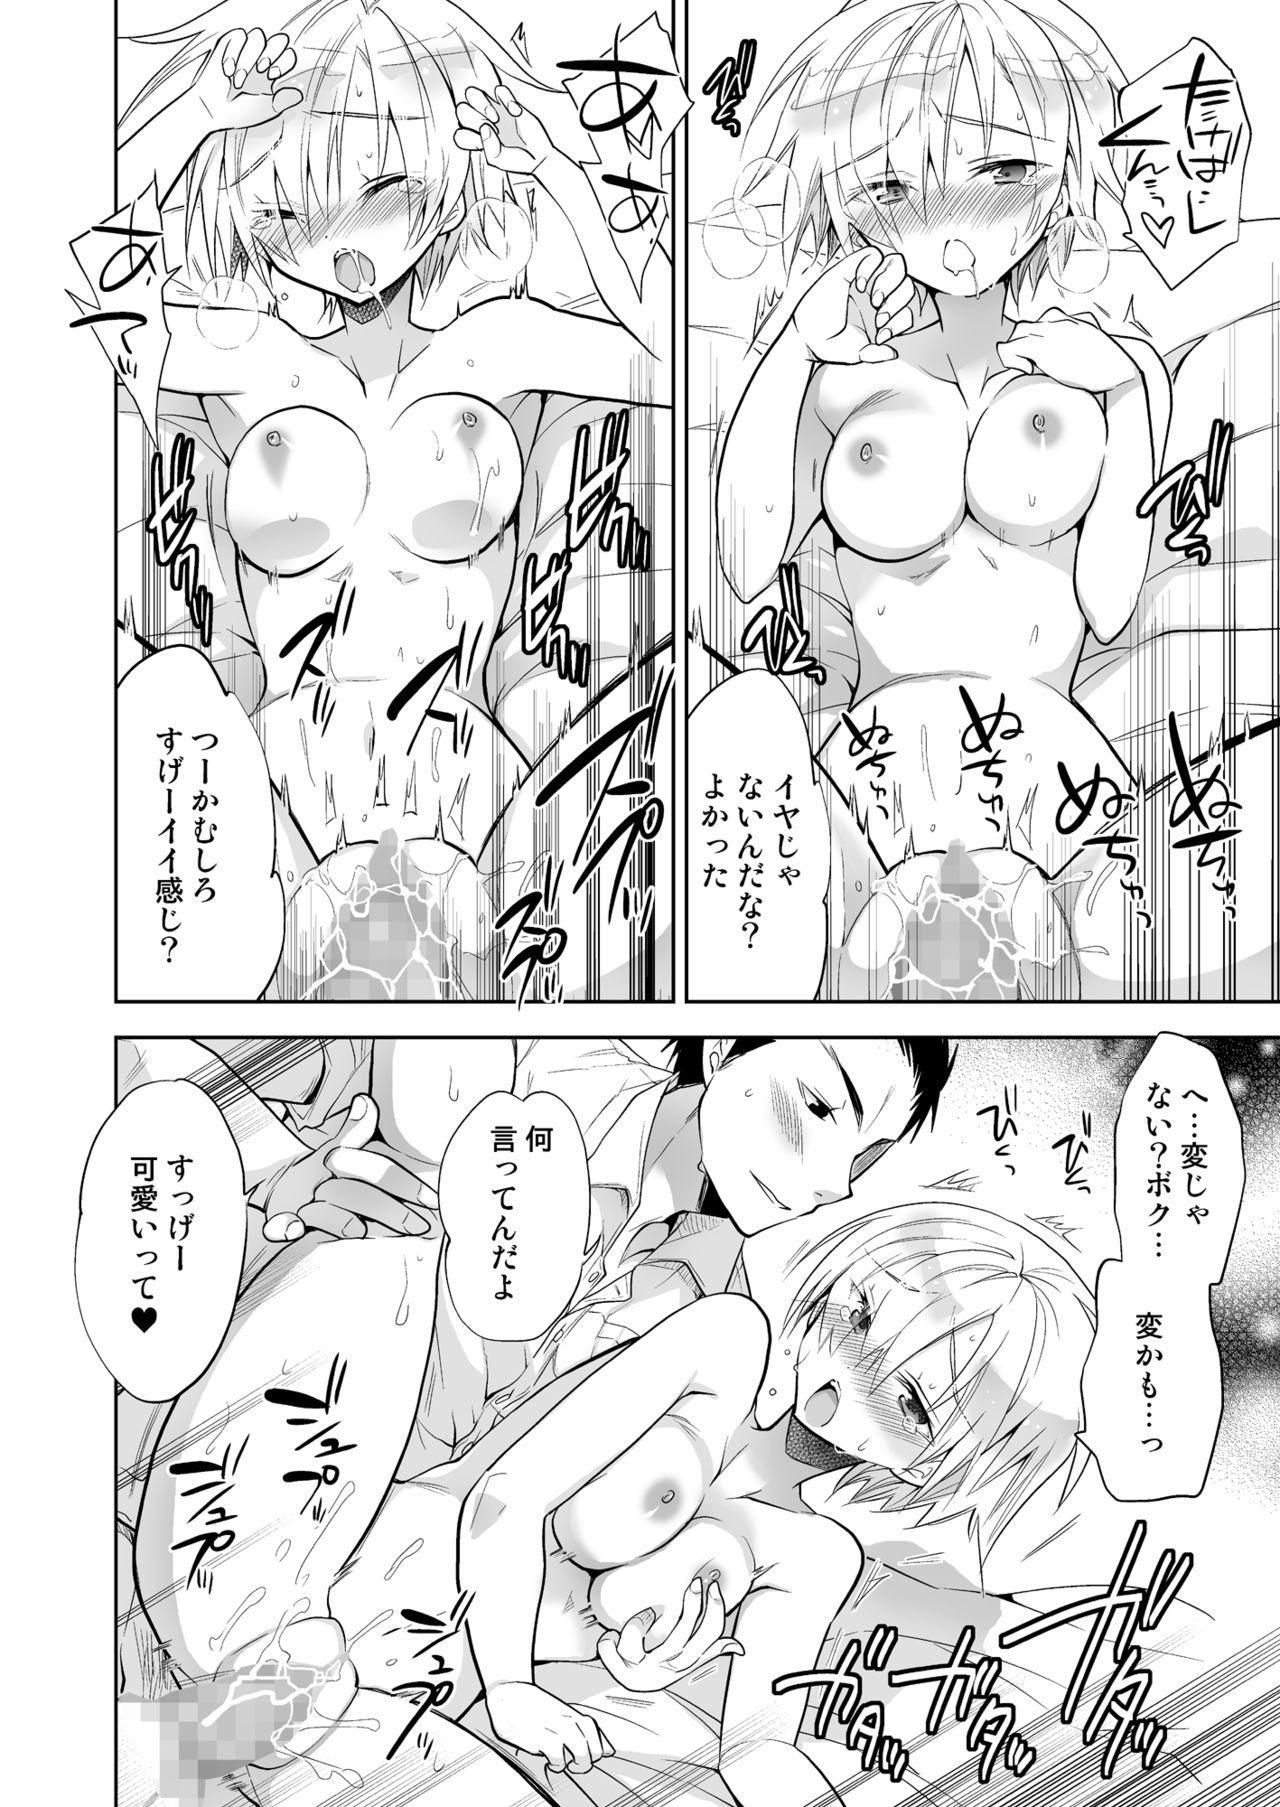 Boku no Hajimete no Tomodachi 19